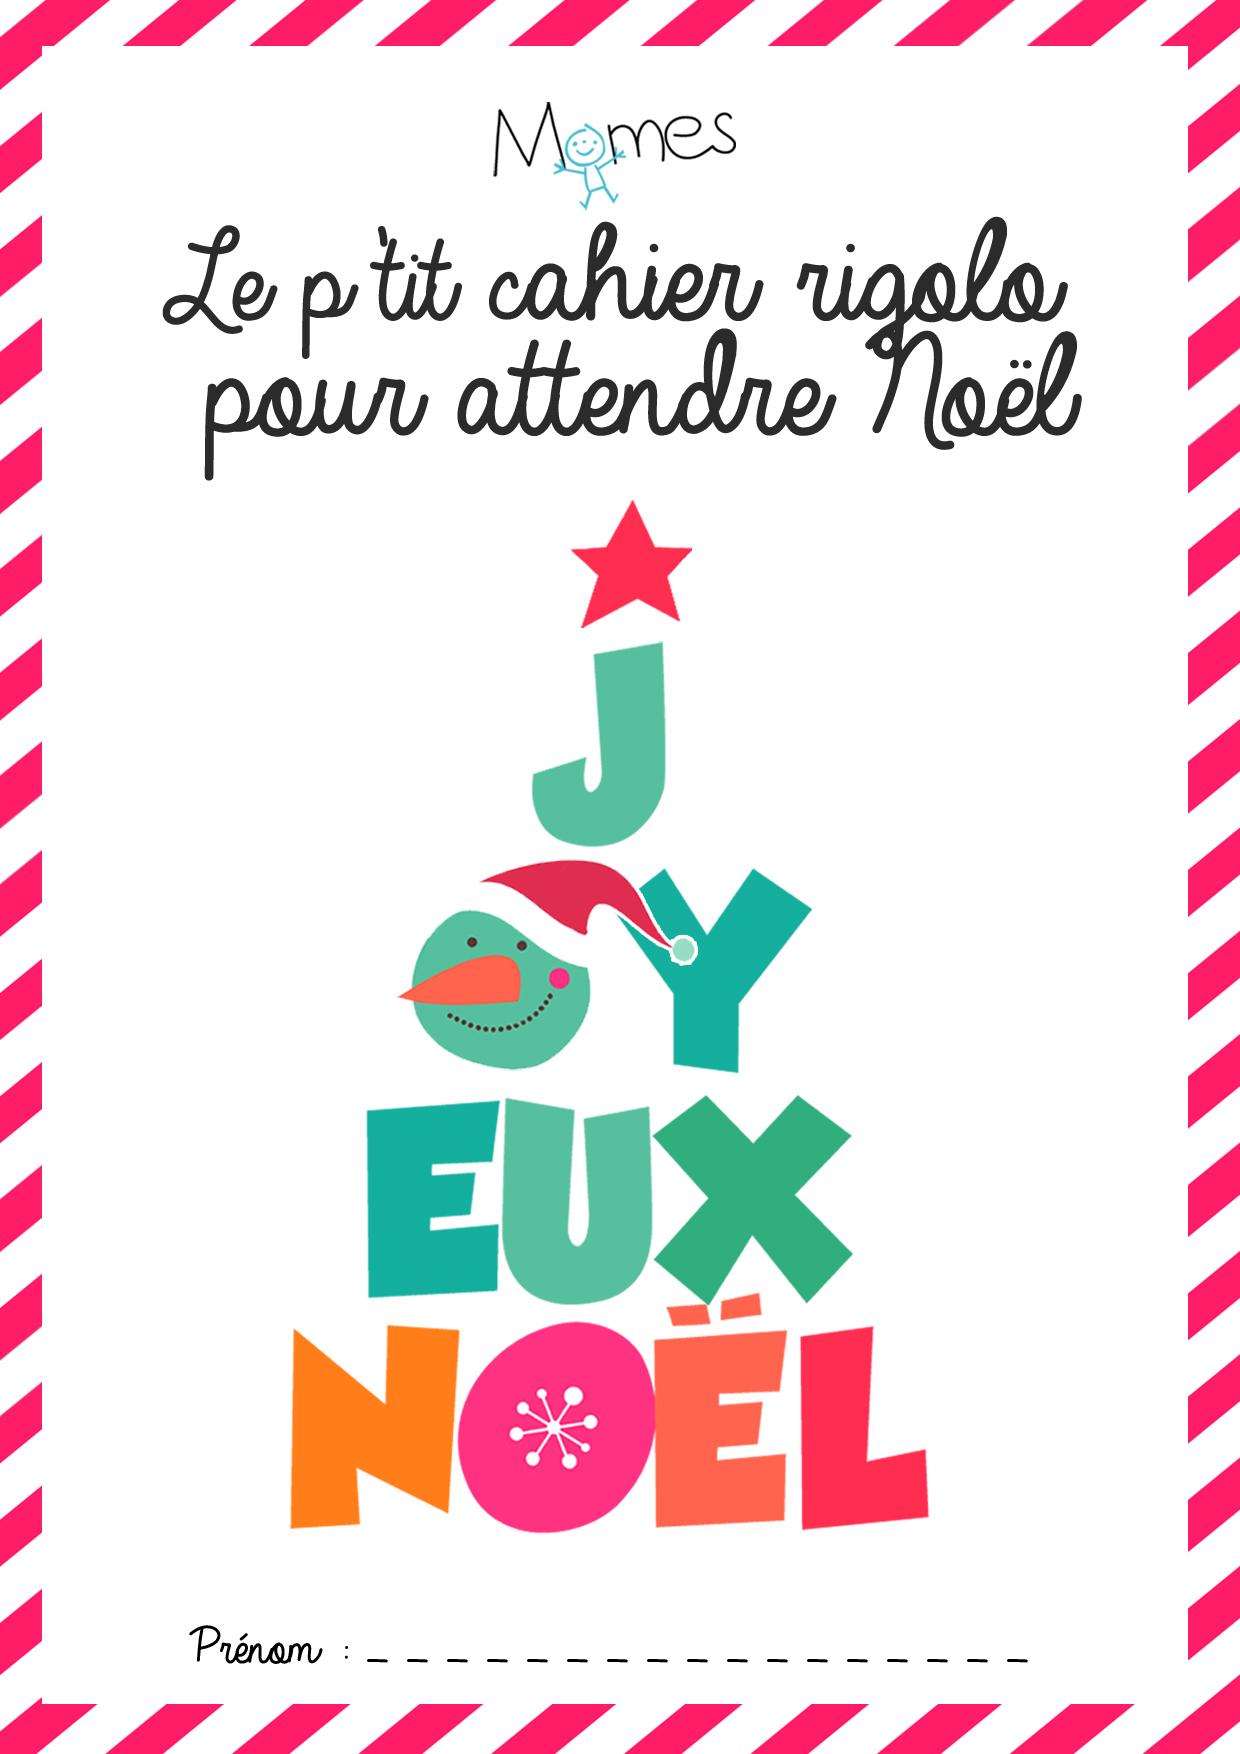 Le Cahier D'activités De Noël À Imprimer - Momes dedans Activité Primaire A Imprimer